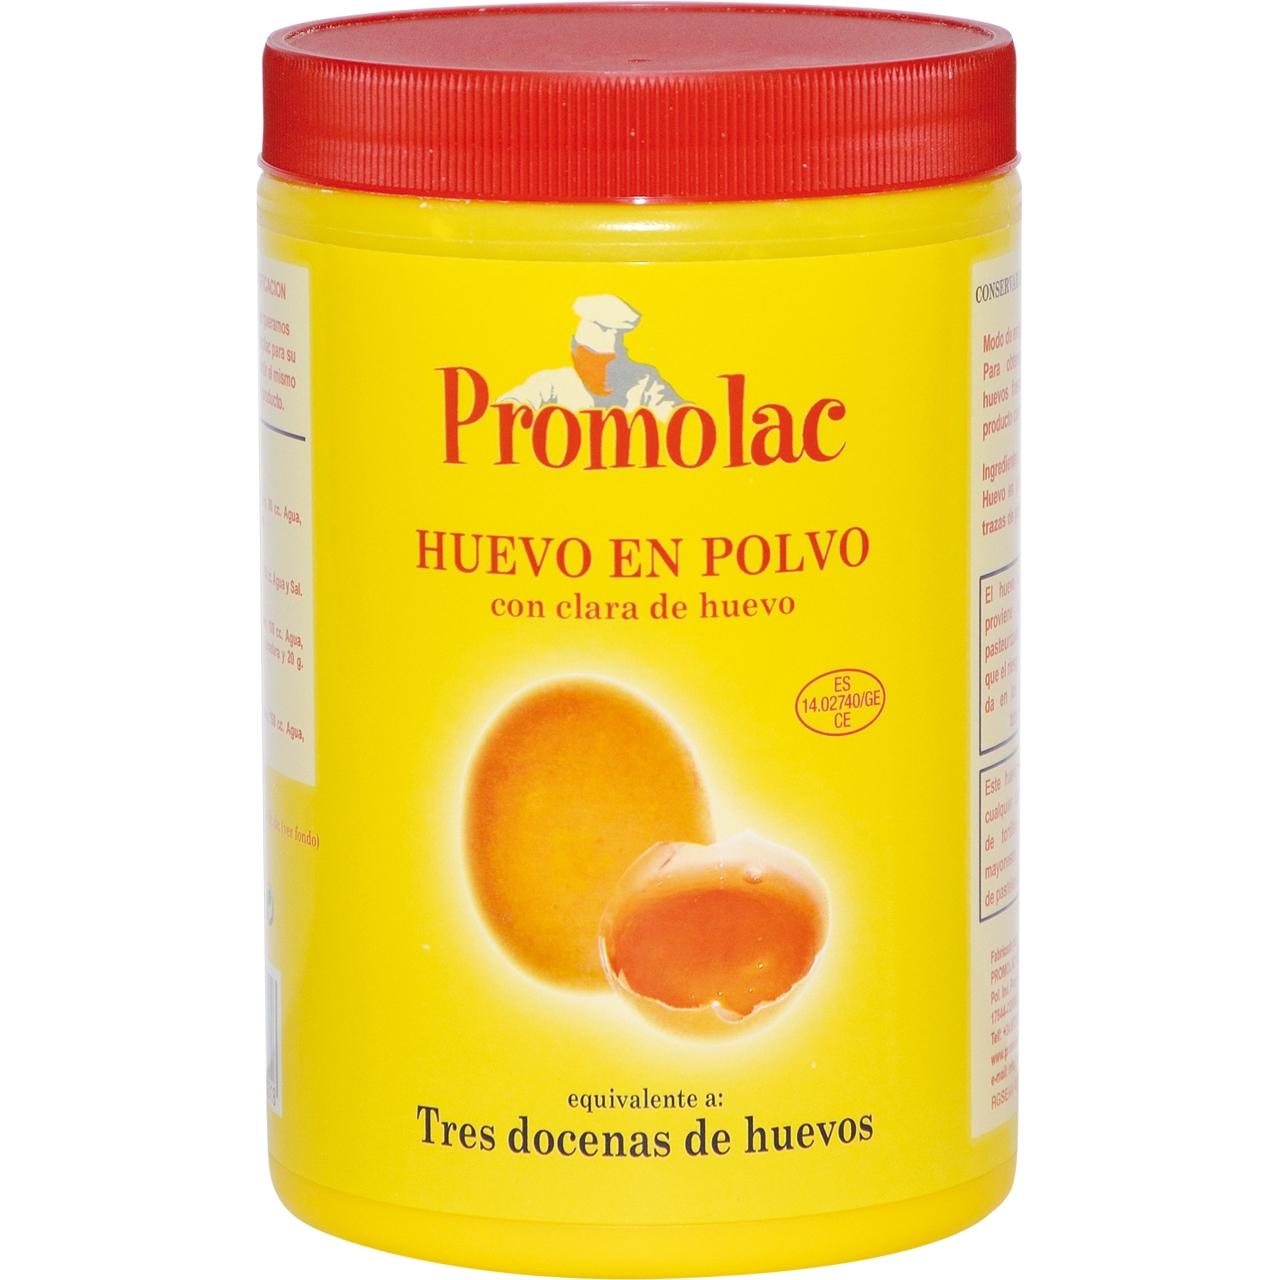 Huevo en polvo deshidratado 360gr. Promolac